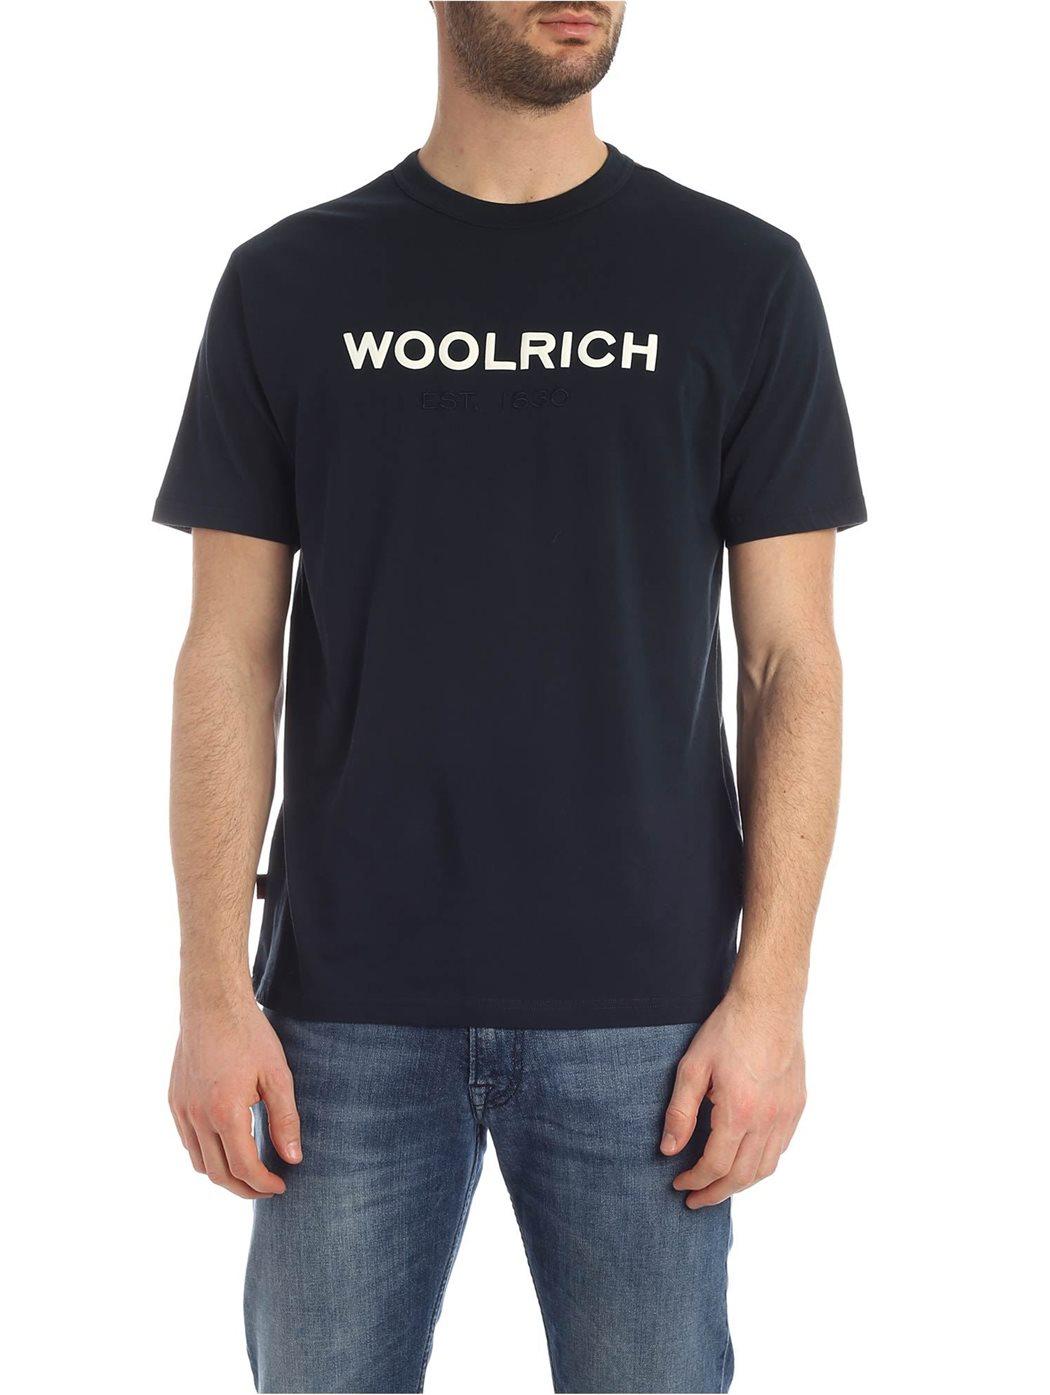 WOOLRICH wote0024mr 3989 T-SHIRT